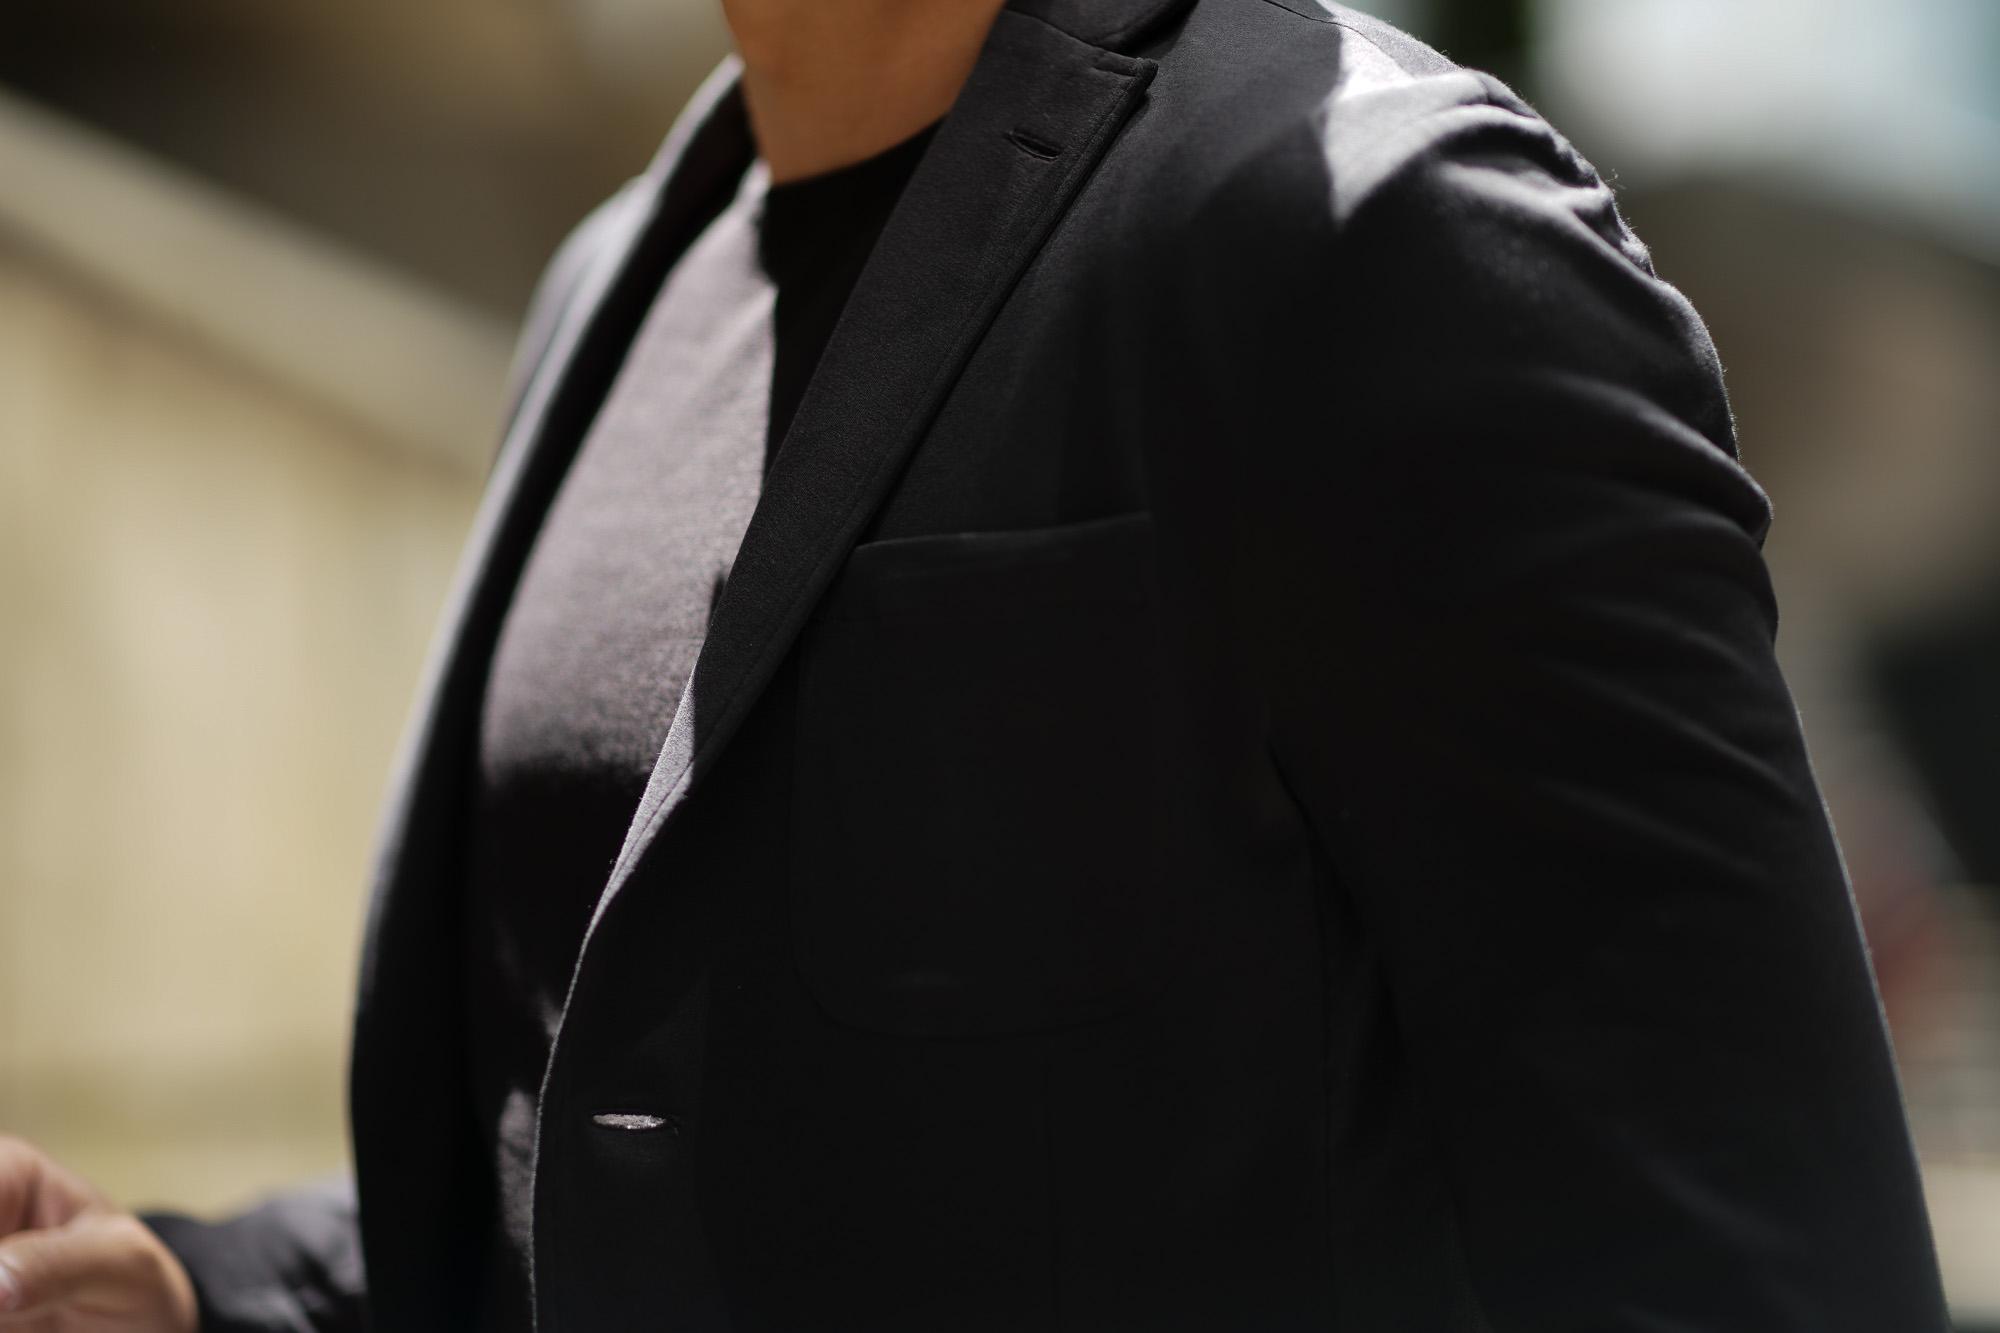 Cruciani (クルチアーニ) Cotton Jersey Jacket (コットンジャージージャケット) Micro Smooth Cotton マイクロスムースコットン ニット ジャケット BLACK (ブラック・2000) made in italy (イタリア製) 2019 春夏新作 愛知 名古屋 altoediritto アルトエデリット